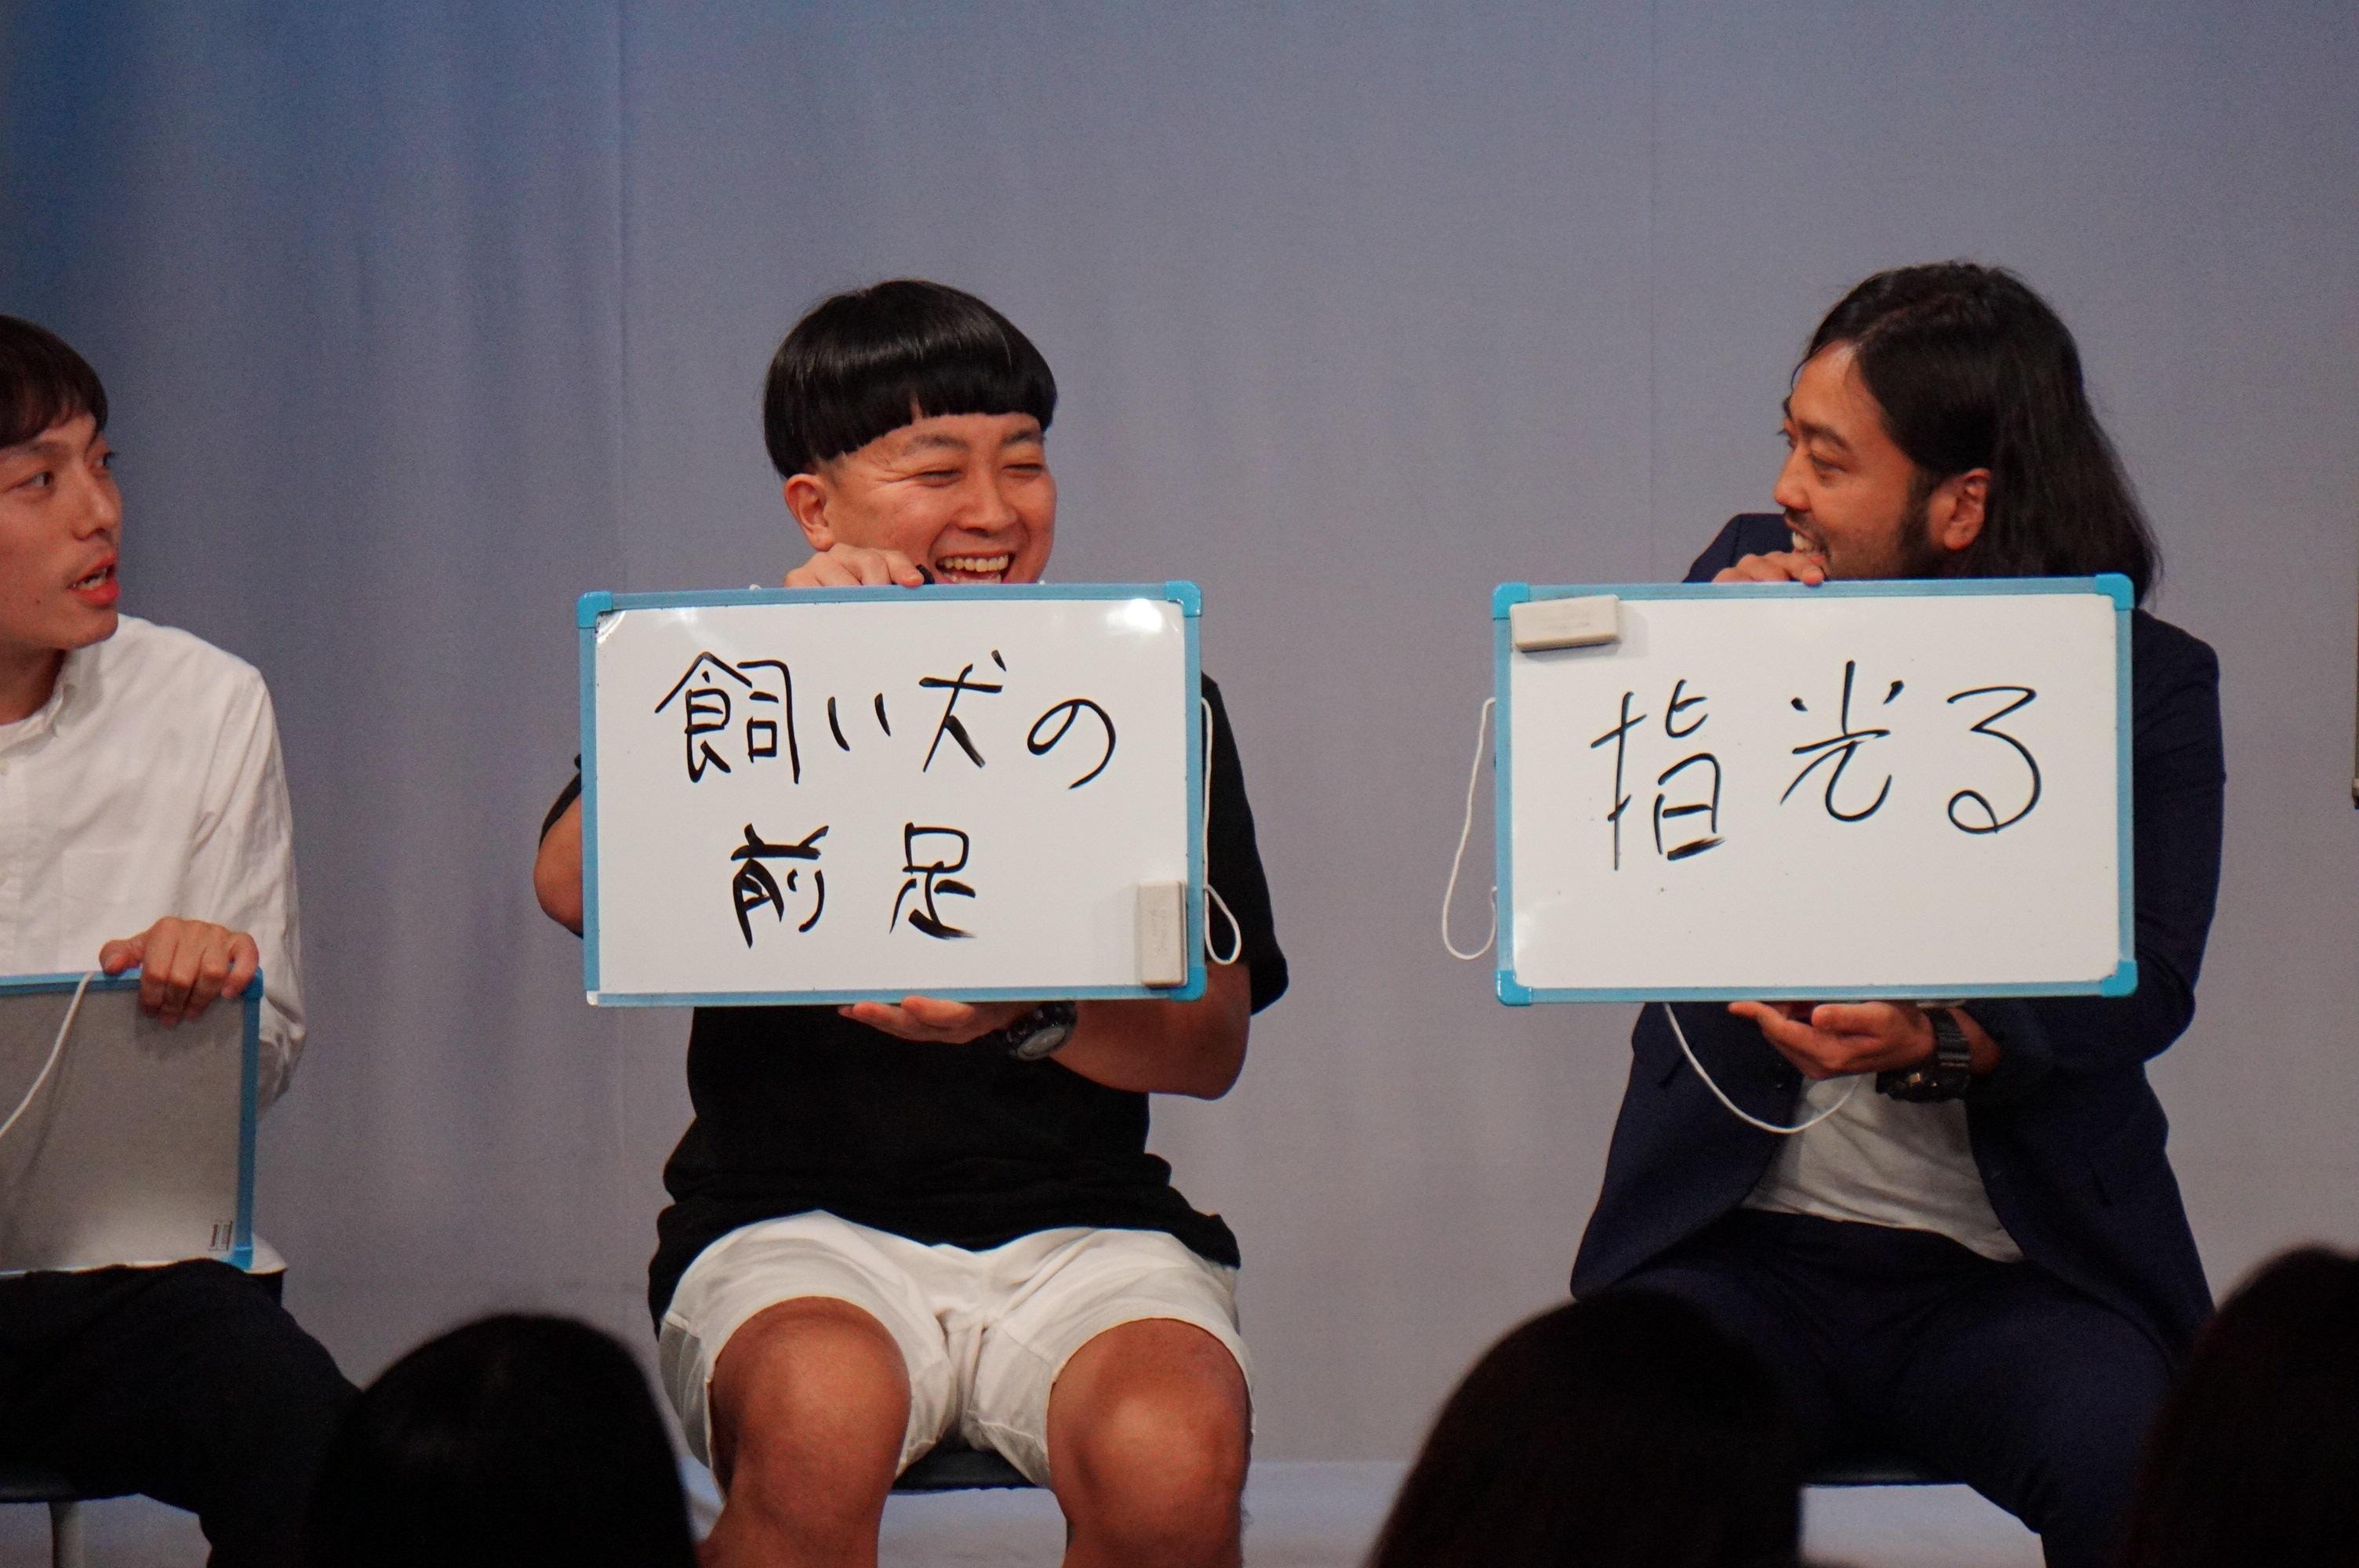 http://news.yoshimoto.co.jp/20160526175158-387eef80bf8044440799a8e4b31d060a28d8eacc.jpg